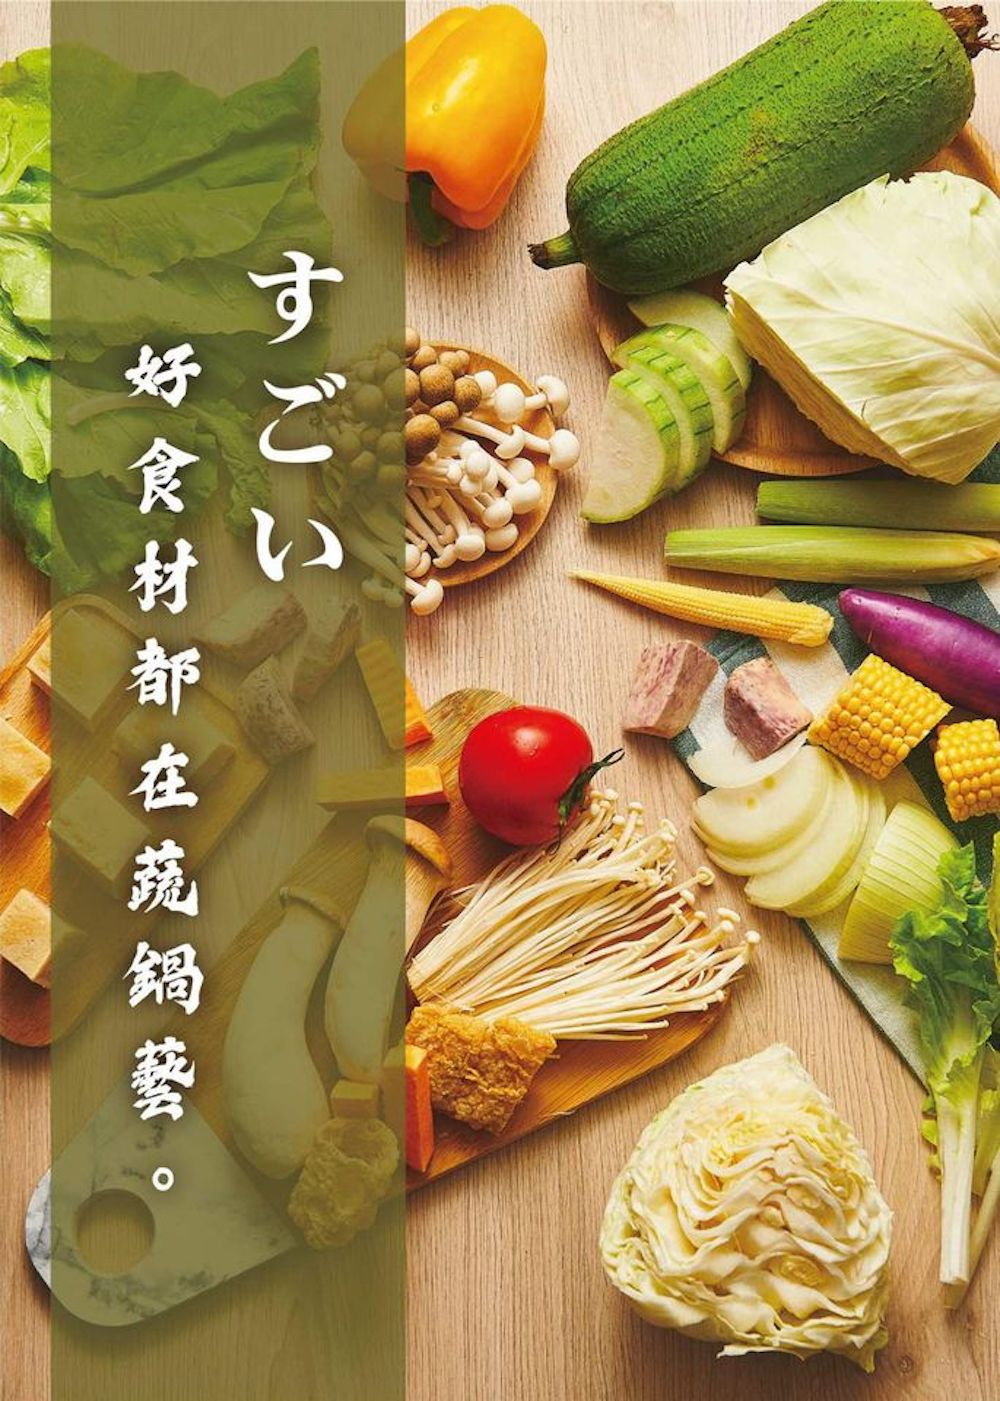 Menu|蔬鍋藝鍋物 菜單價位、店家資訊,台中文心路大胃王火鍋推薦